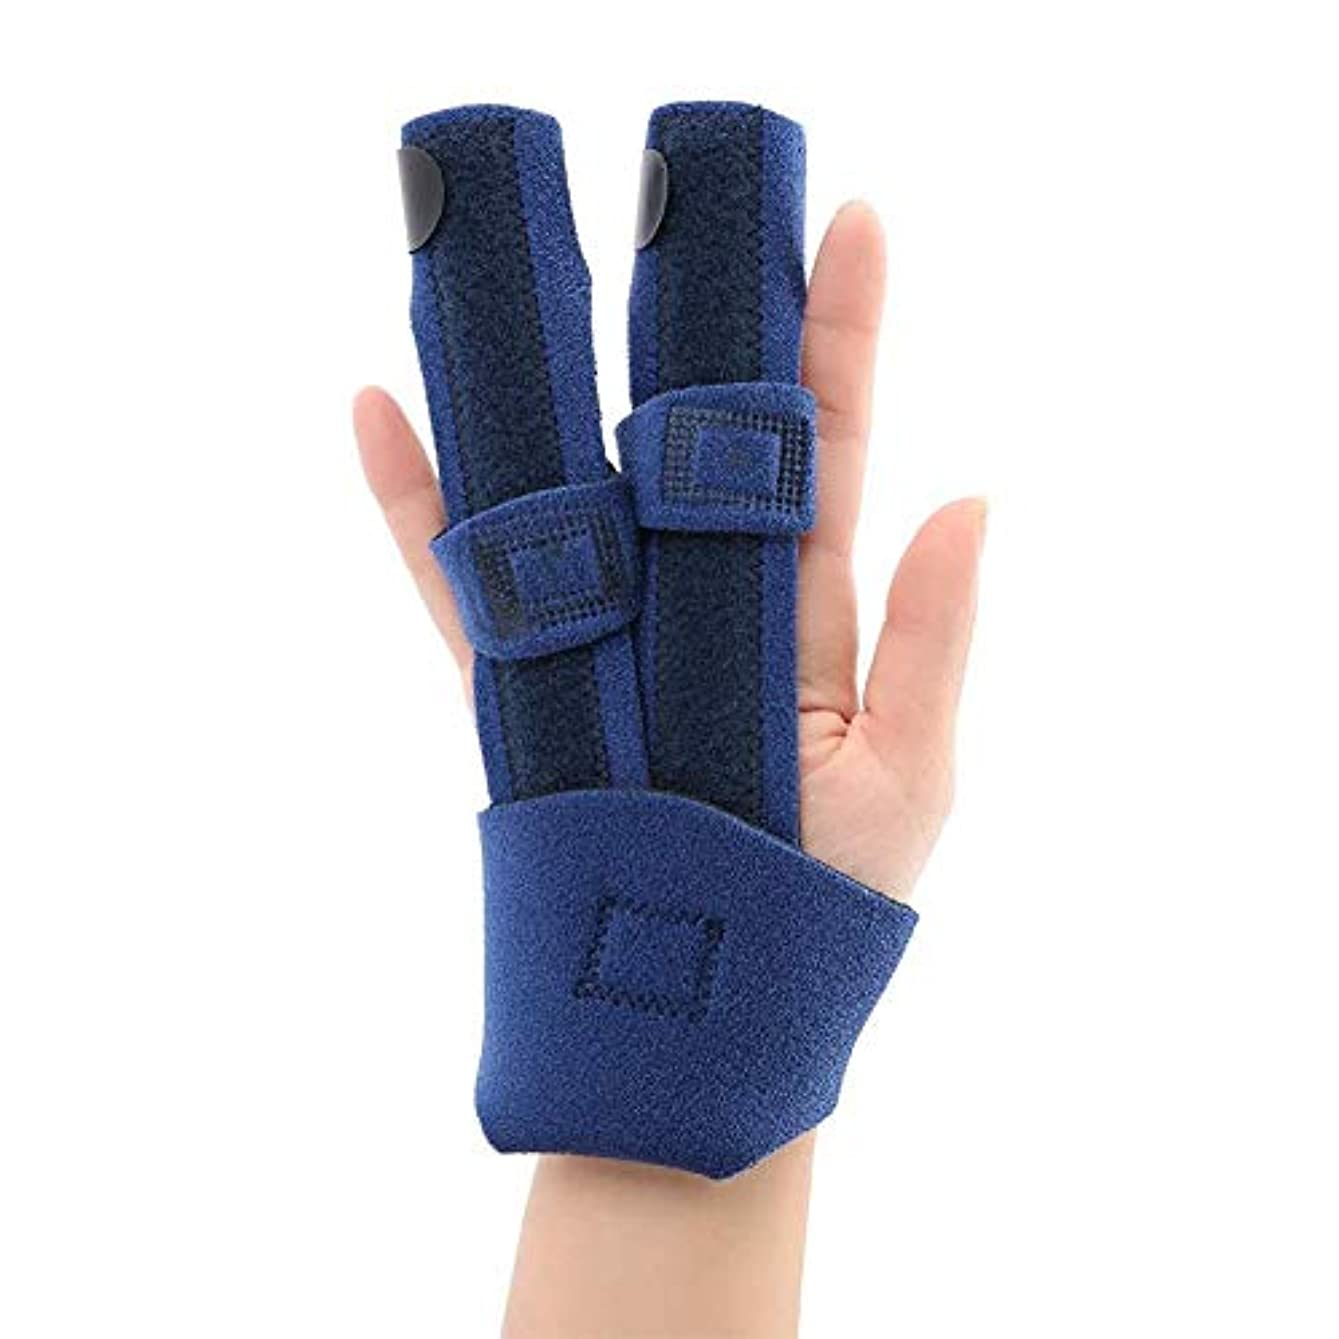 火山回答ヘロイン指の損傷のサポート、スプリント指の調整可能な指のスプリントサポートスタビライザーサポート捻support指のケアツール